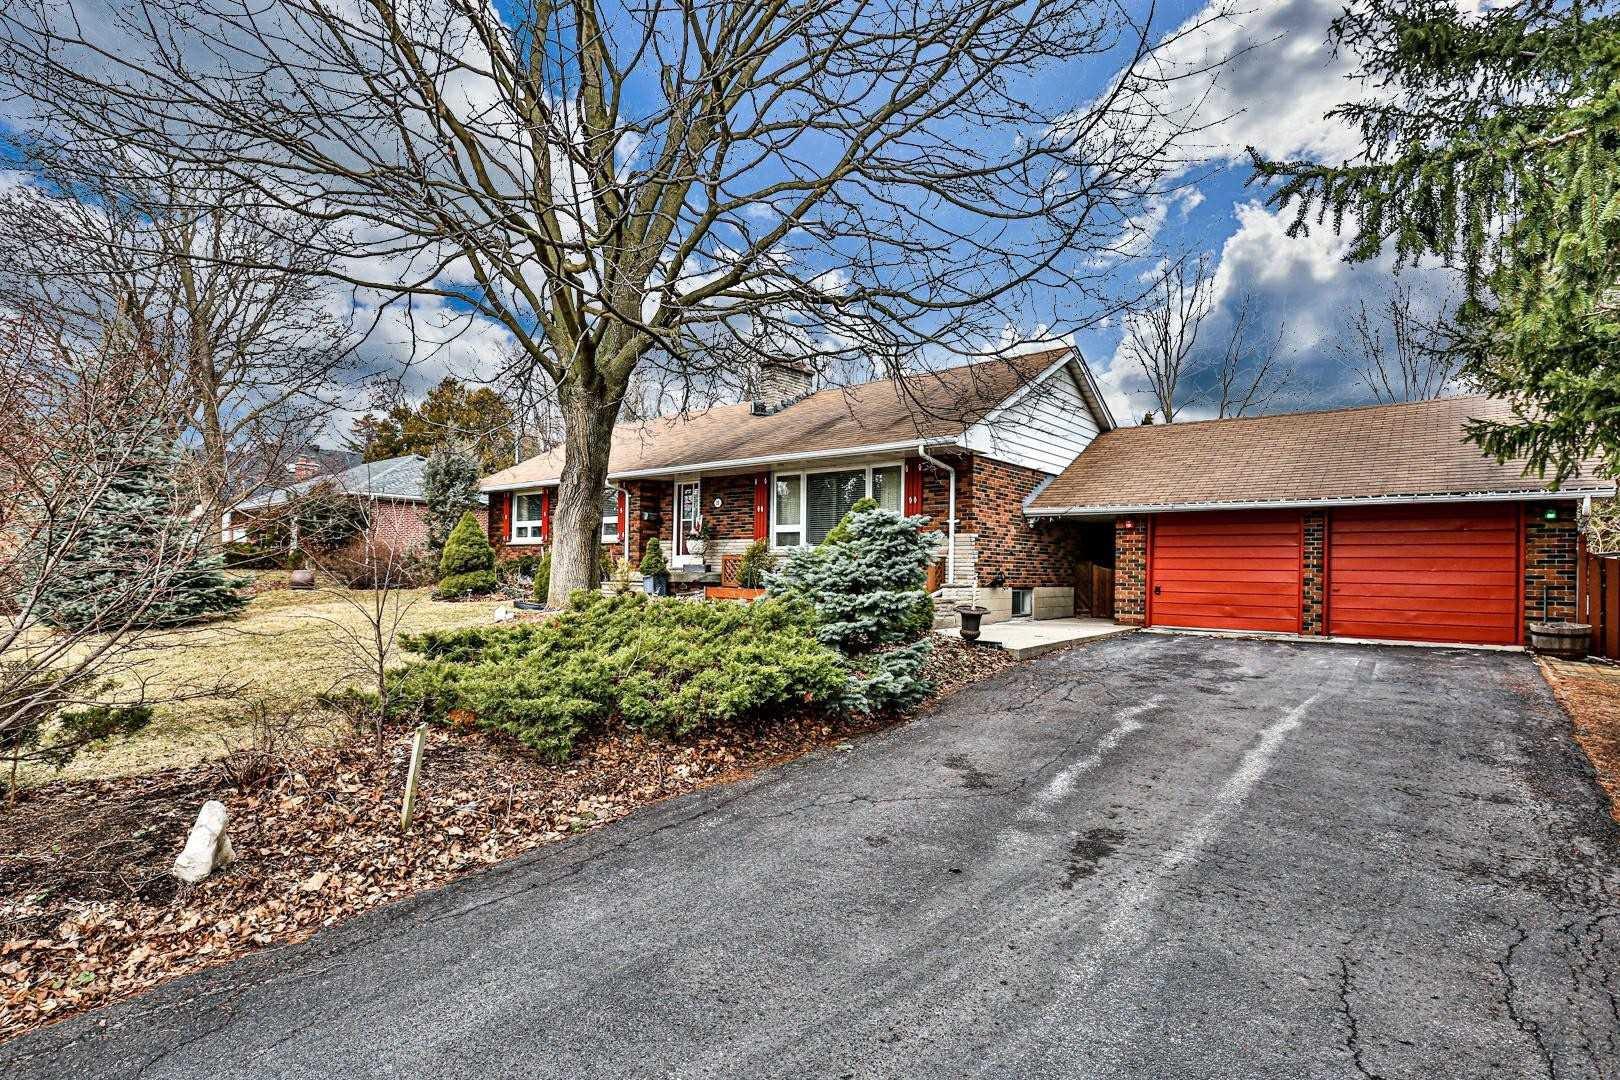 Main Photo: 15 Grandview Boulevard in Markham: Bullock House (Bungalow) for sale : MLS®# N4732184